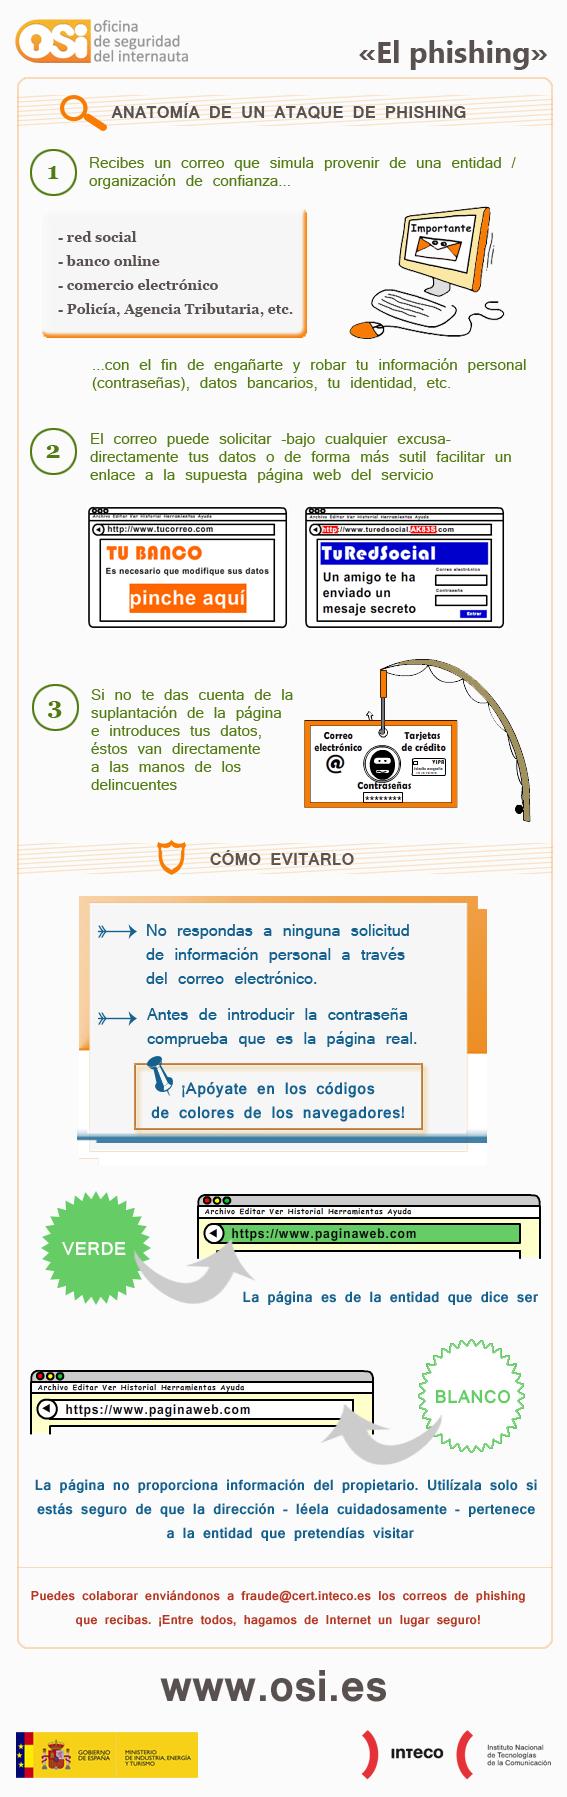 Coneix els fraus utilitzats a internet el phishing oficina de seguridad del internauta el - Oficina de seguridad del internauta ...